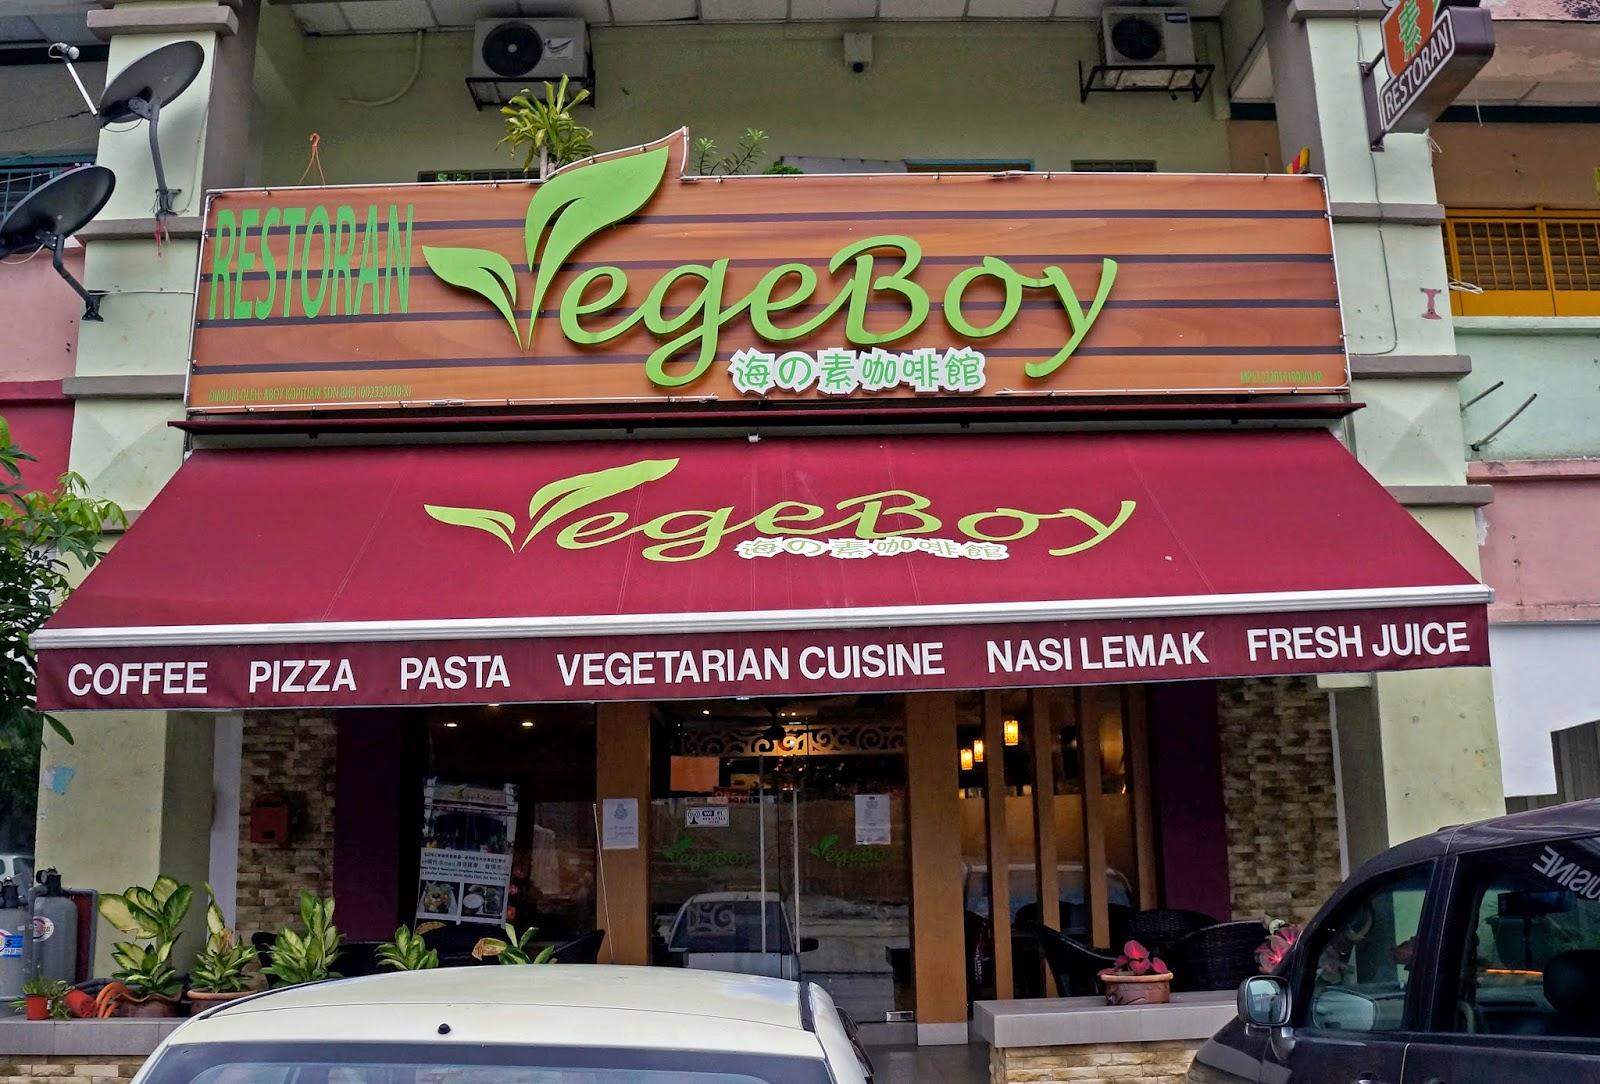 ��ʳ�ߺ�ȥ��  Vegeboy �����ؿ��ȹ�